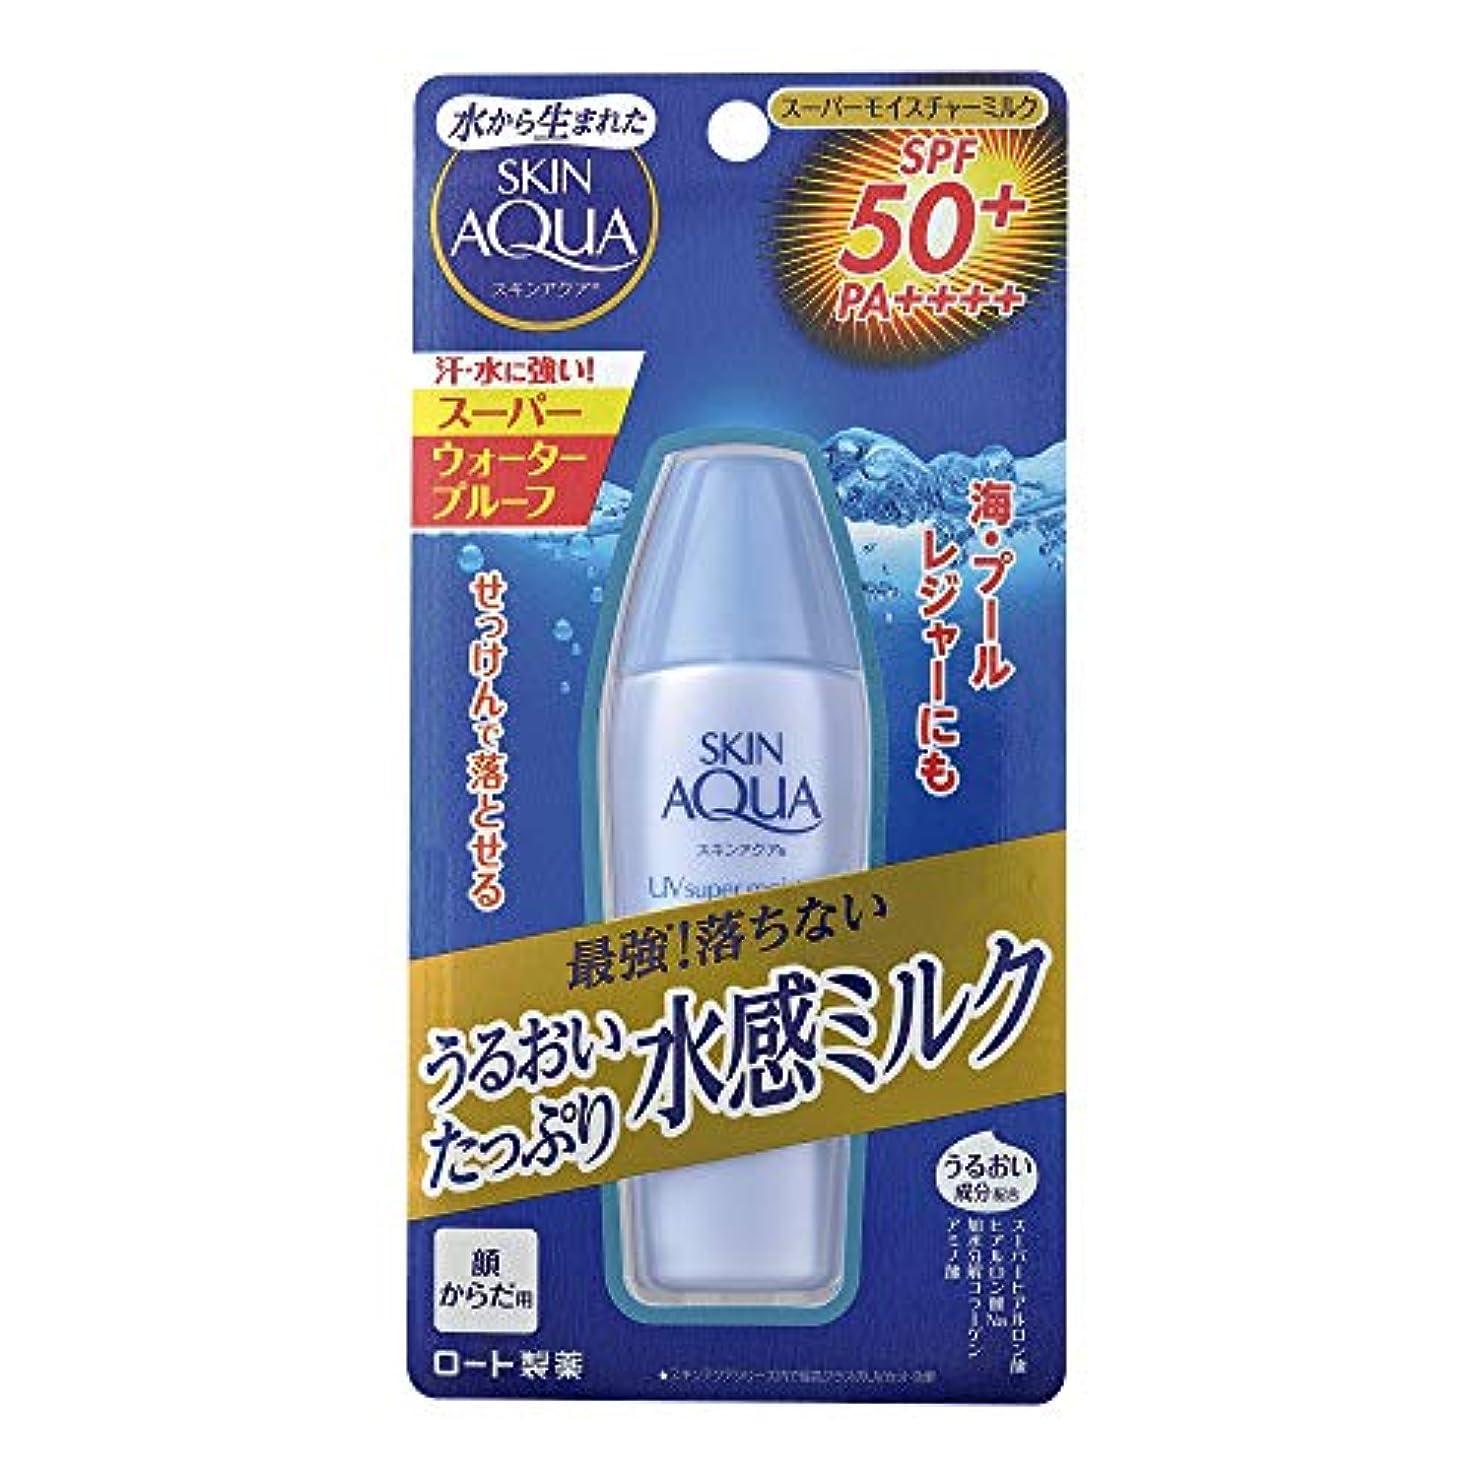 適度なクスコ旅行スキンアクア (SKIN AQUA) 日焼け止め スーパーモイスチャーミルク 潤い成分4種配合 水感ミルク (SPF50 PA++++) 40mL ※スーパーウォータープルーフ